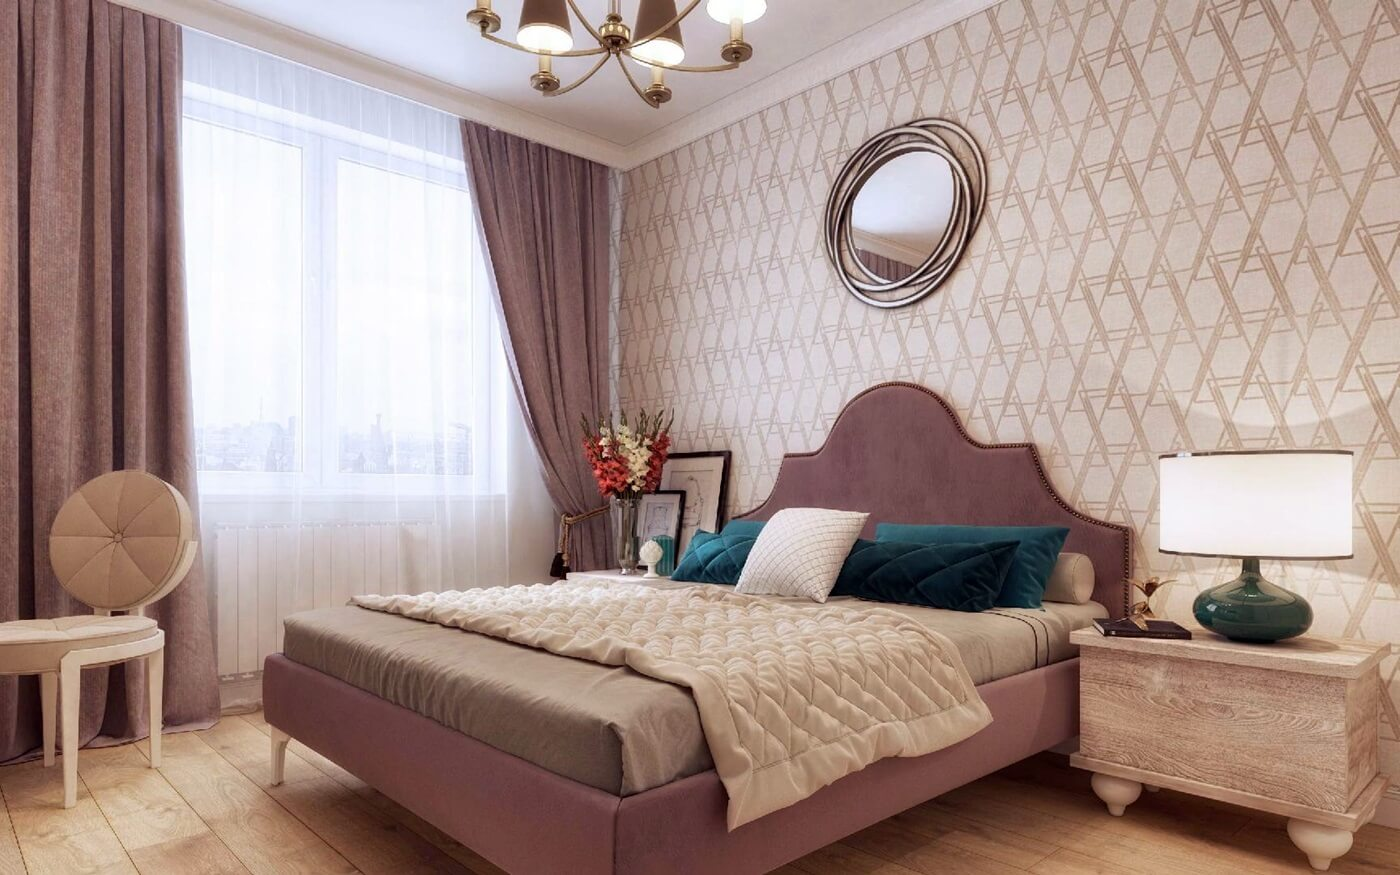 Изголовье кровати в стиле неоклассика (4)